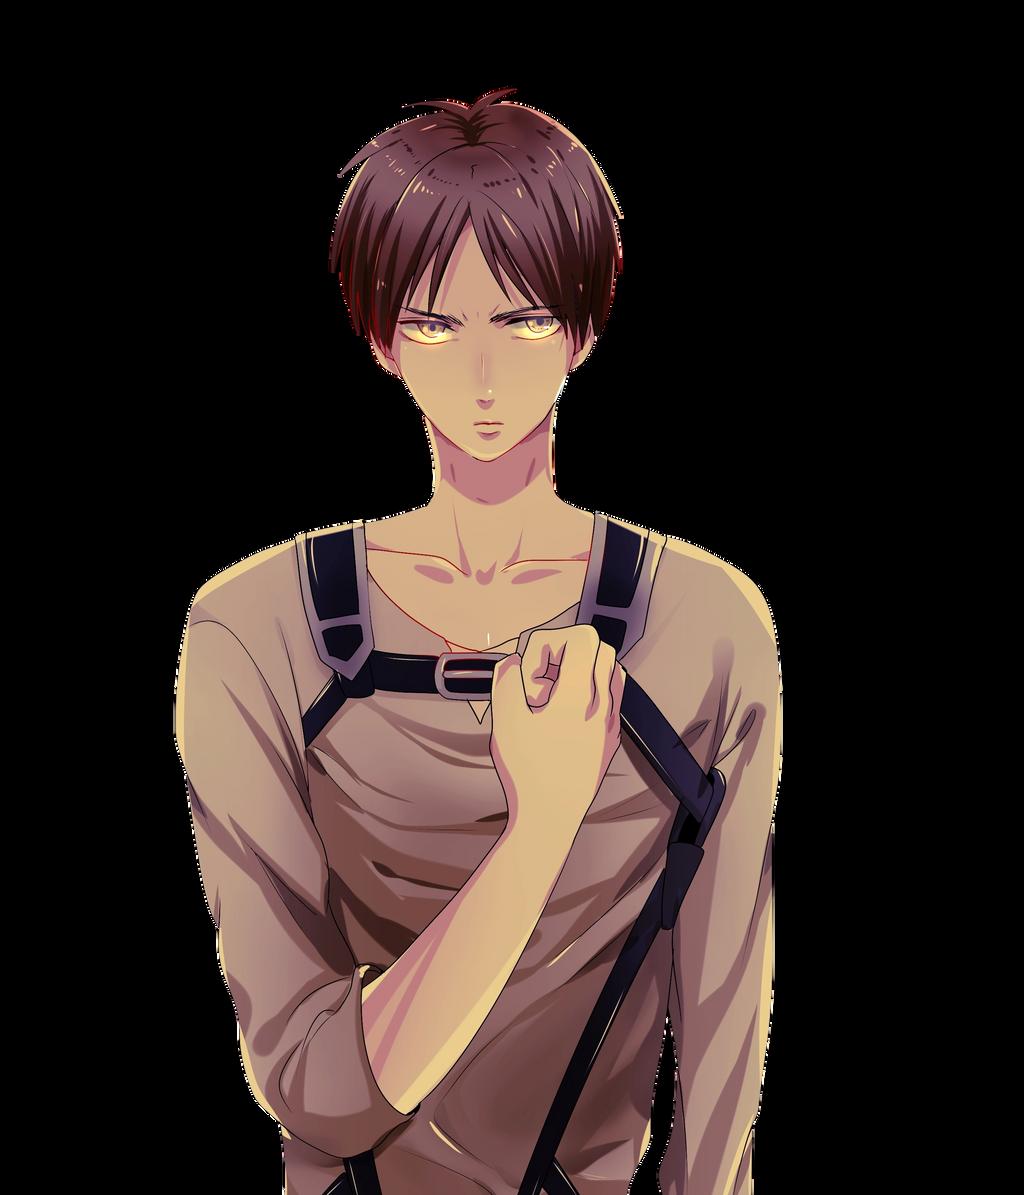 Eren Jaeger Render |Shingeki no Kyojin| by Fujoshi-Kuro